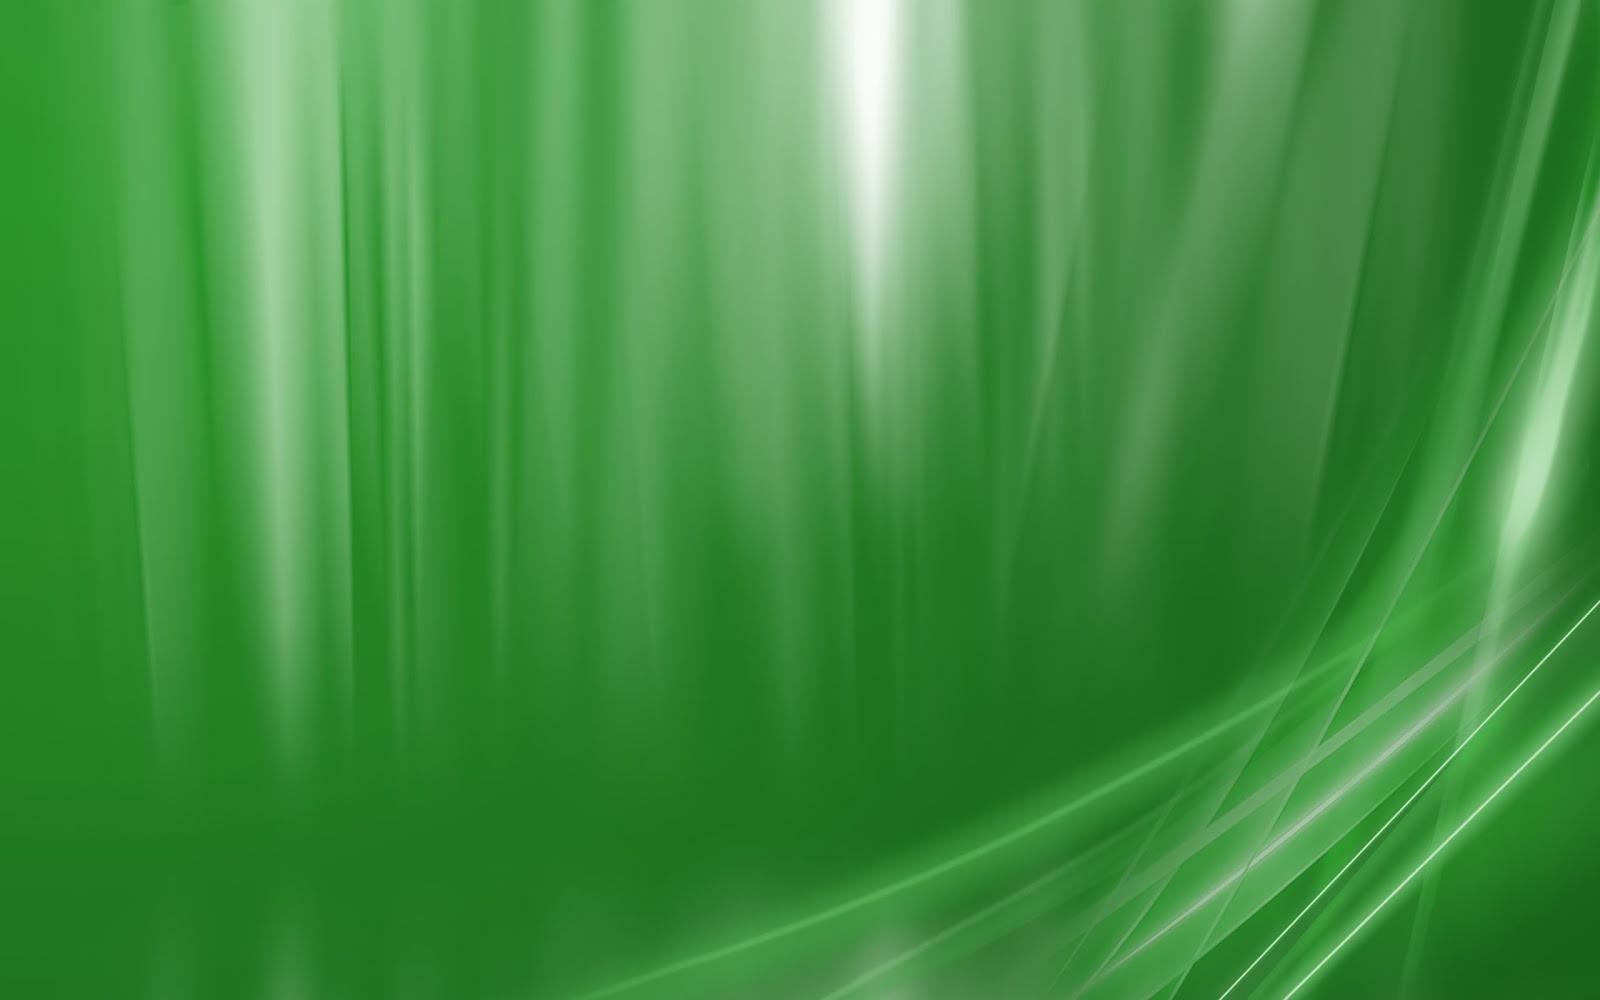 plain green wallpaper for - photo #8